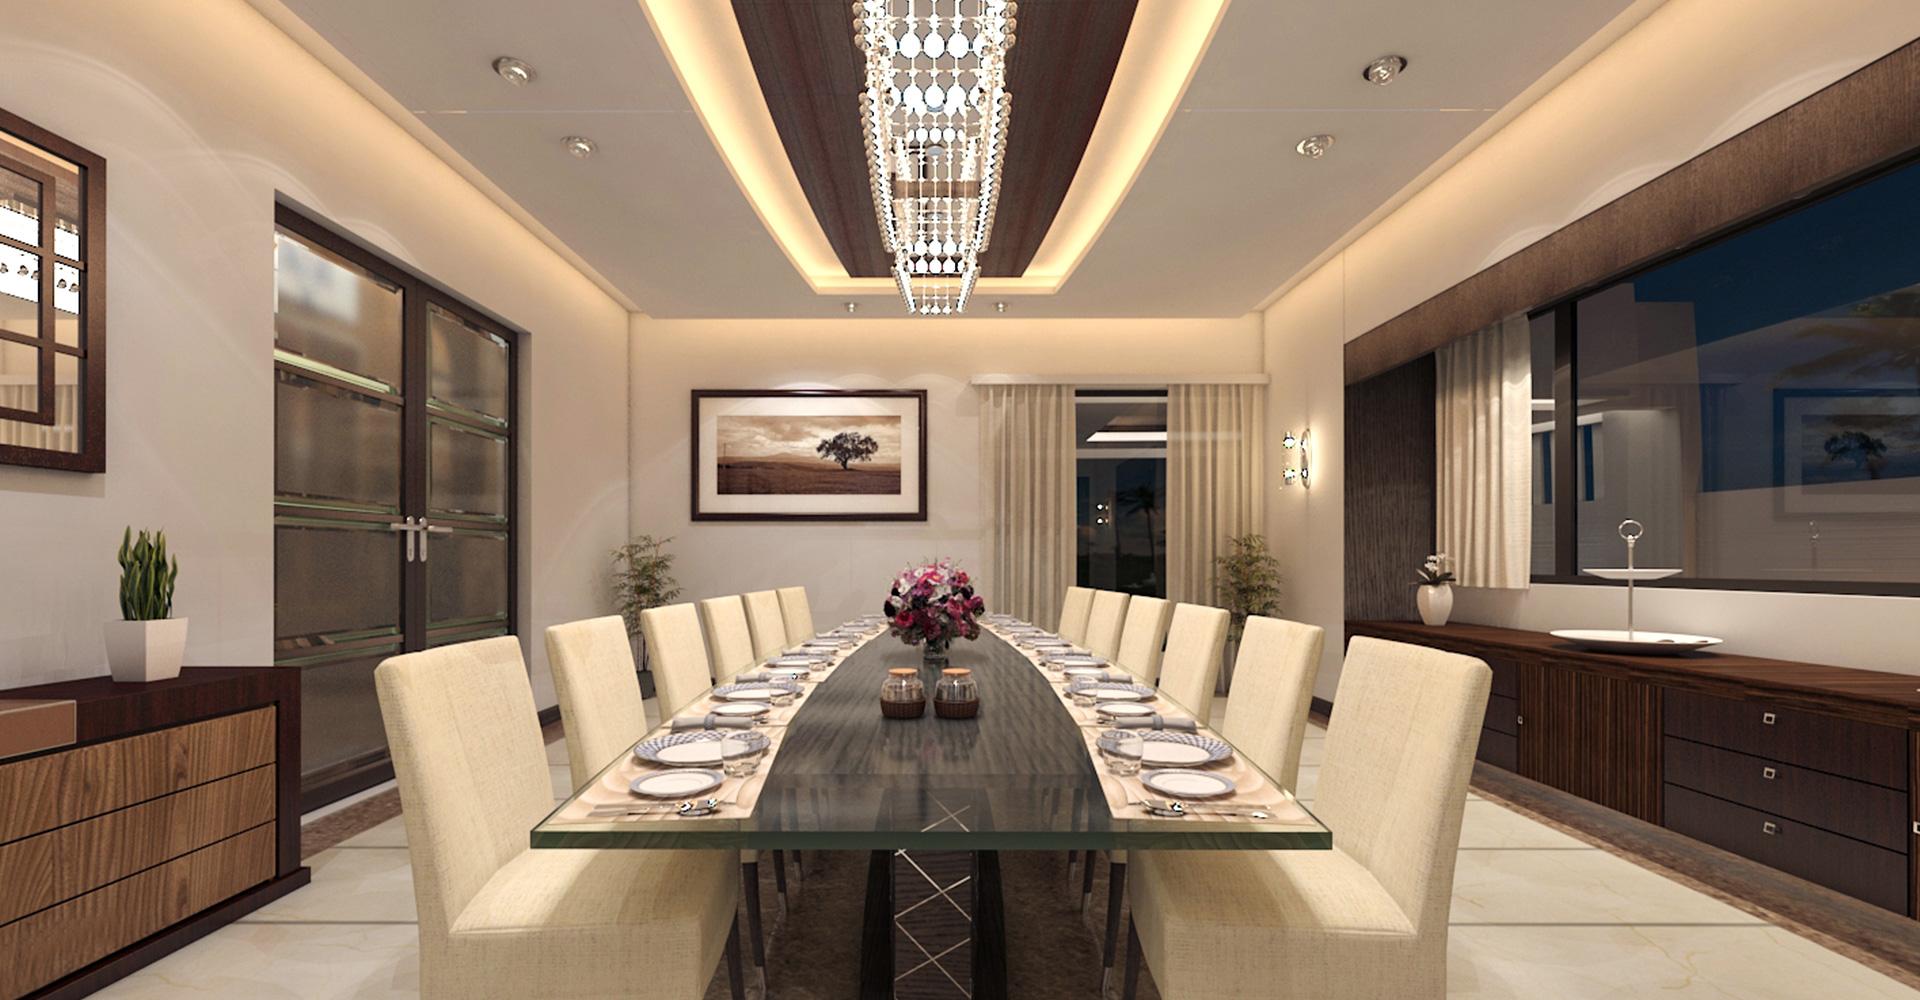 Residential-Interior-Design-Hiline-Lahore-portfolio-65J-DHA-EME-05 (56)